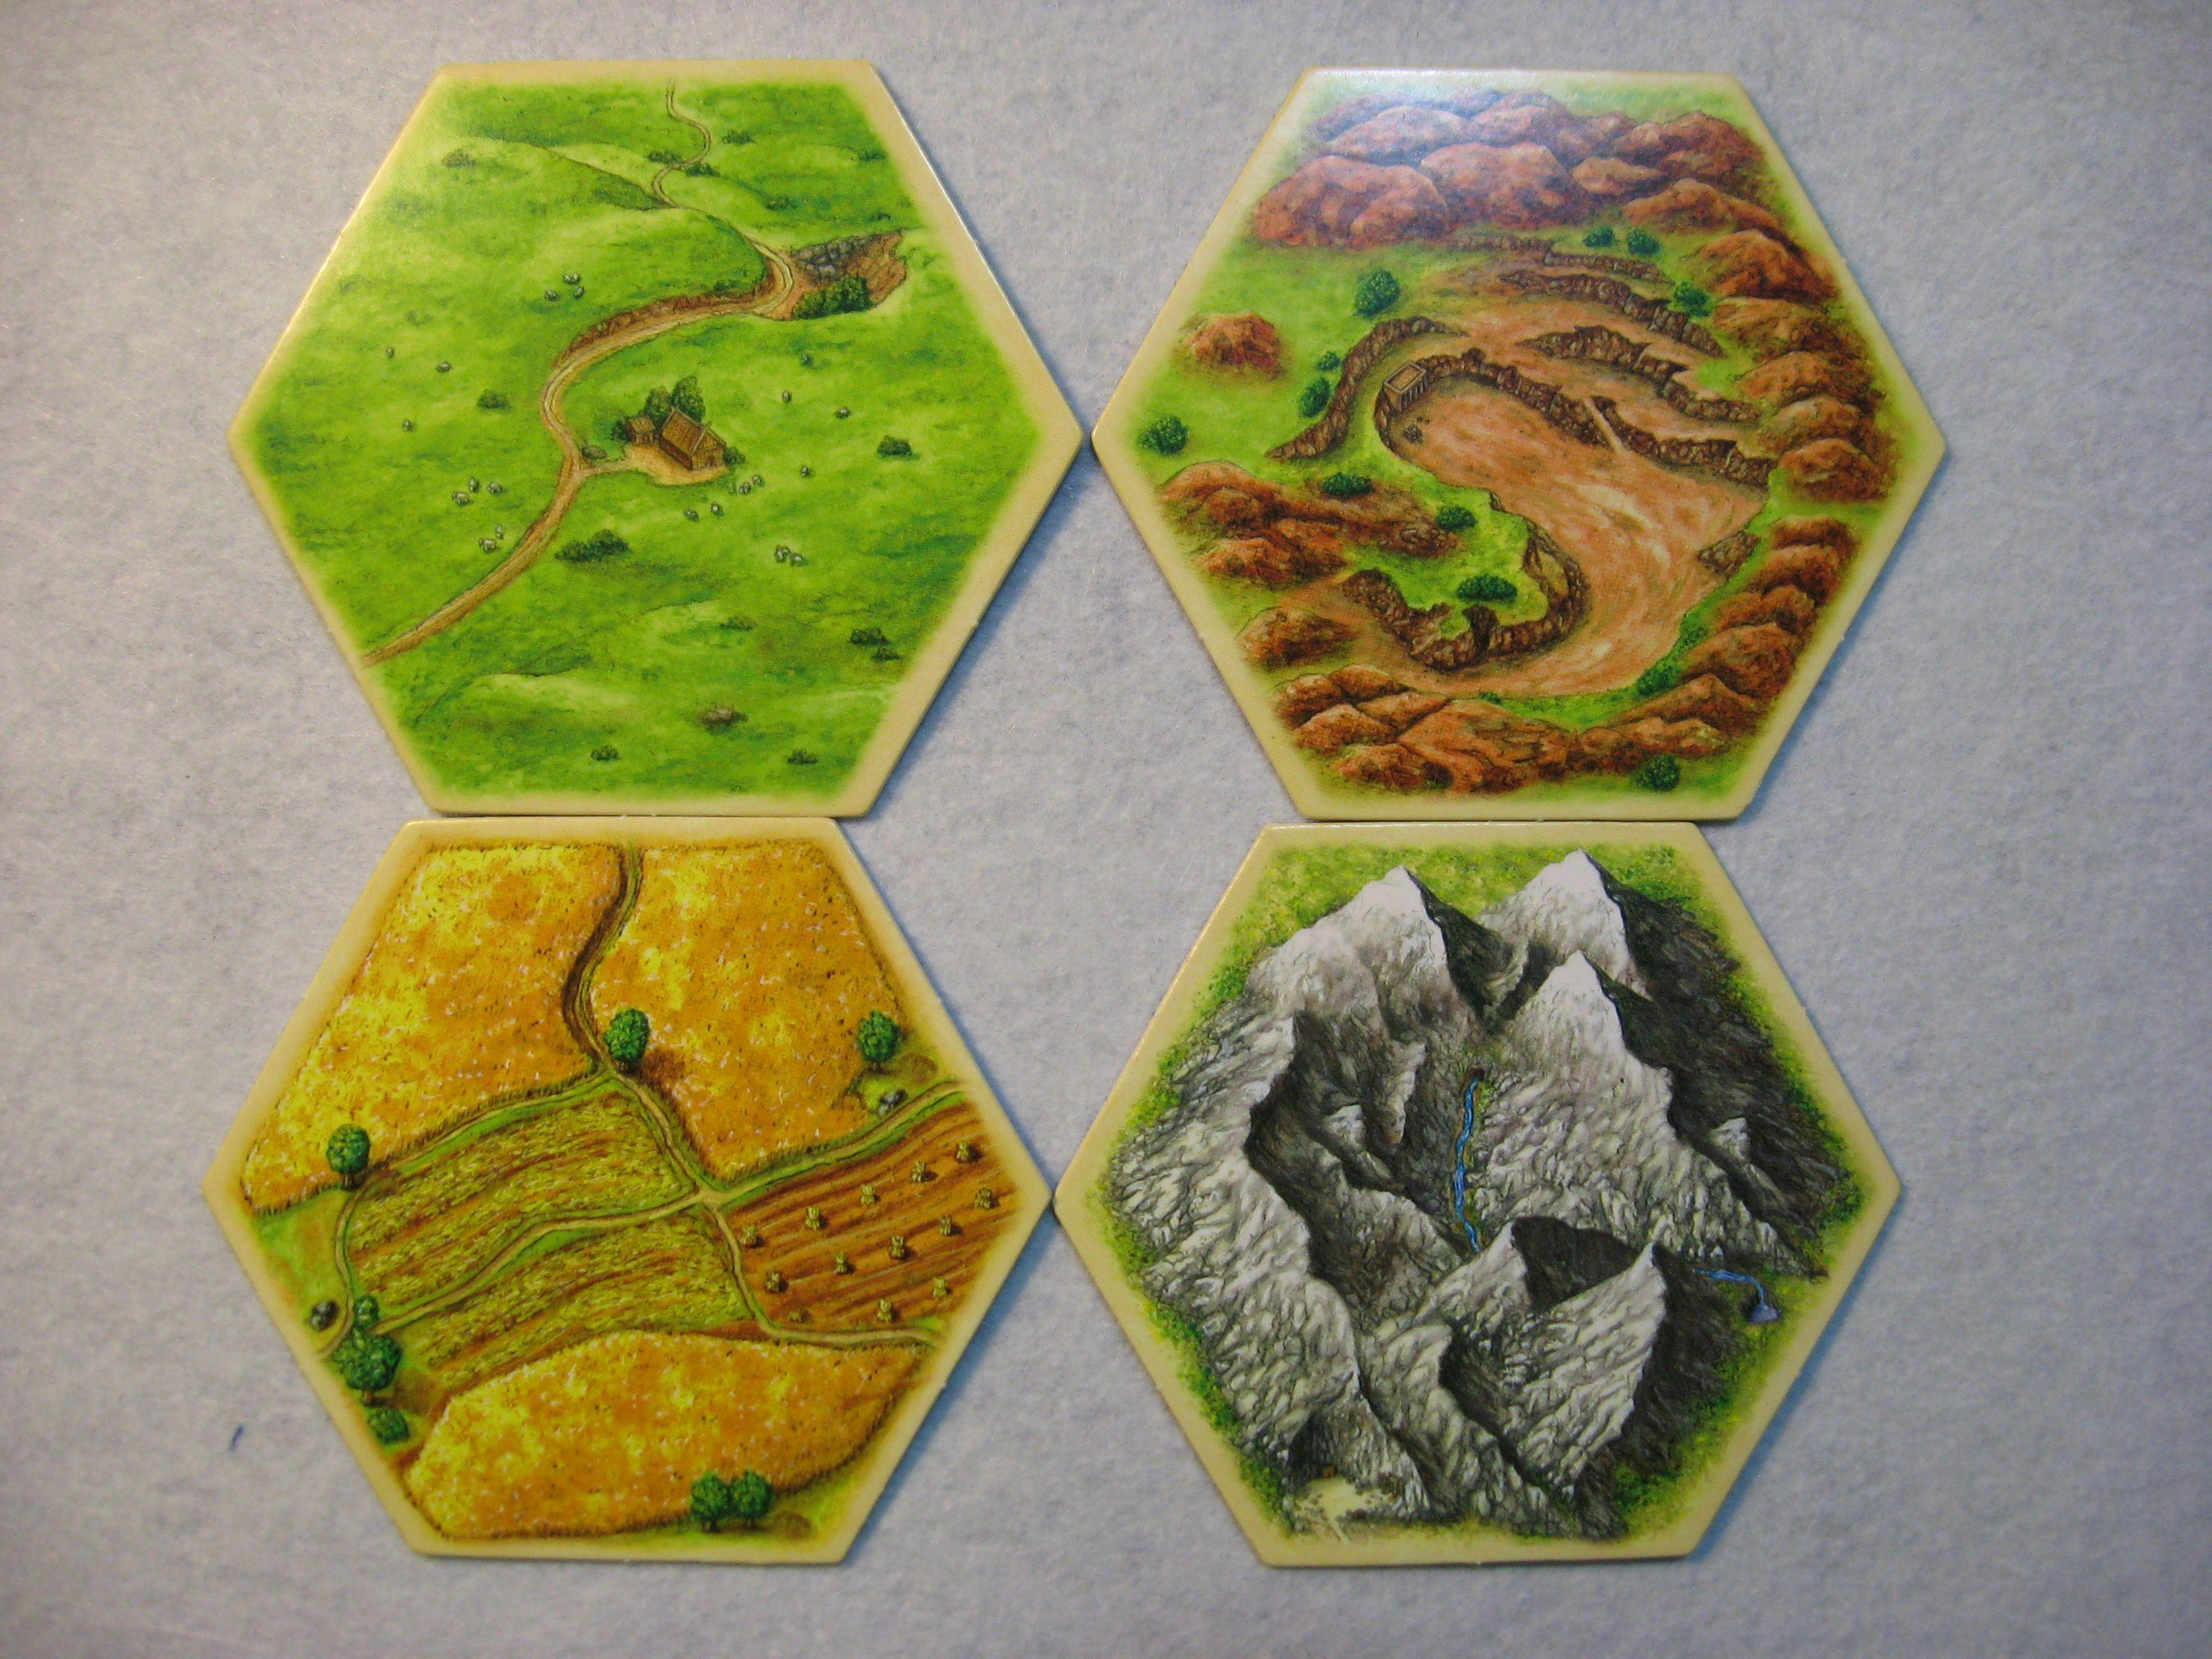 hex tile board game design hexagon tiles